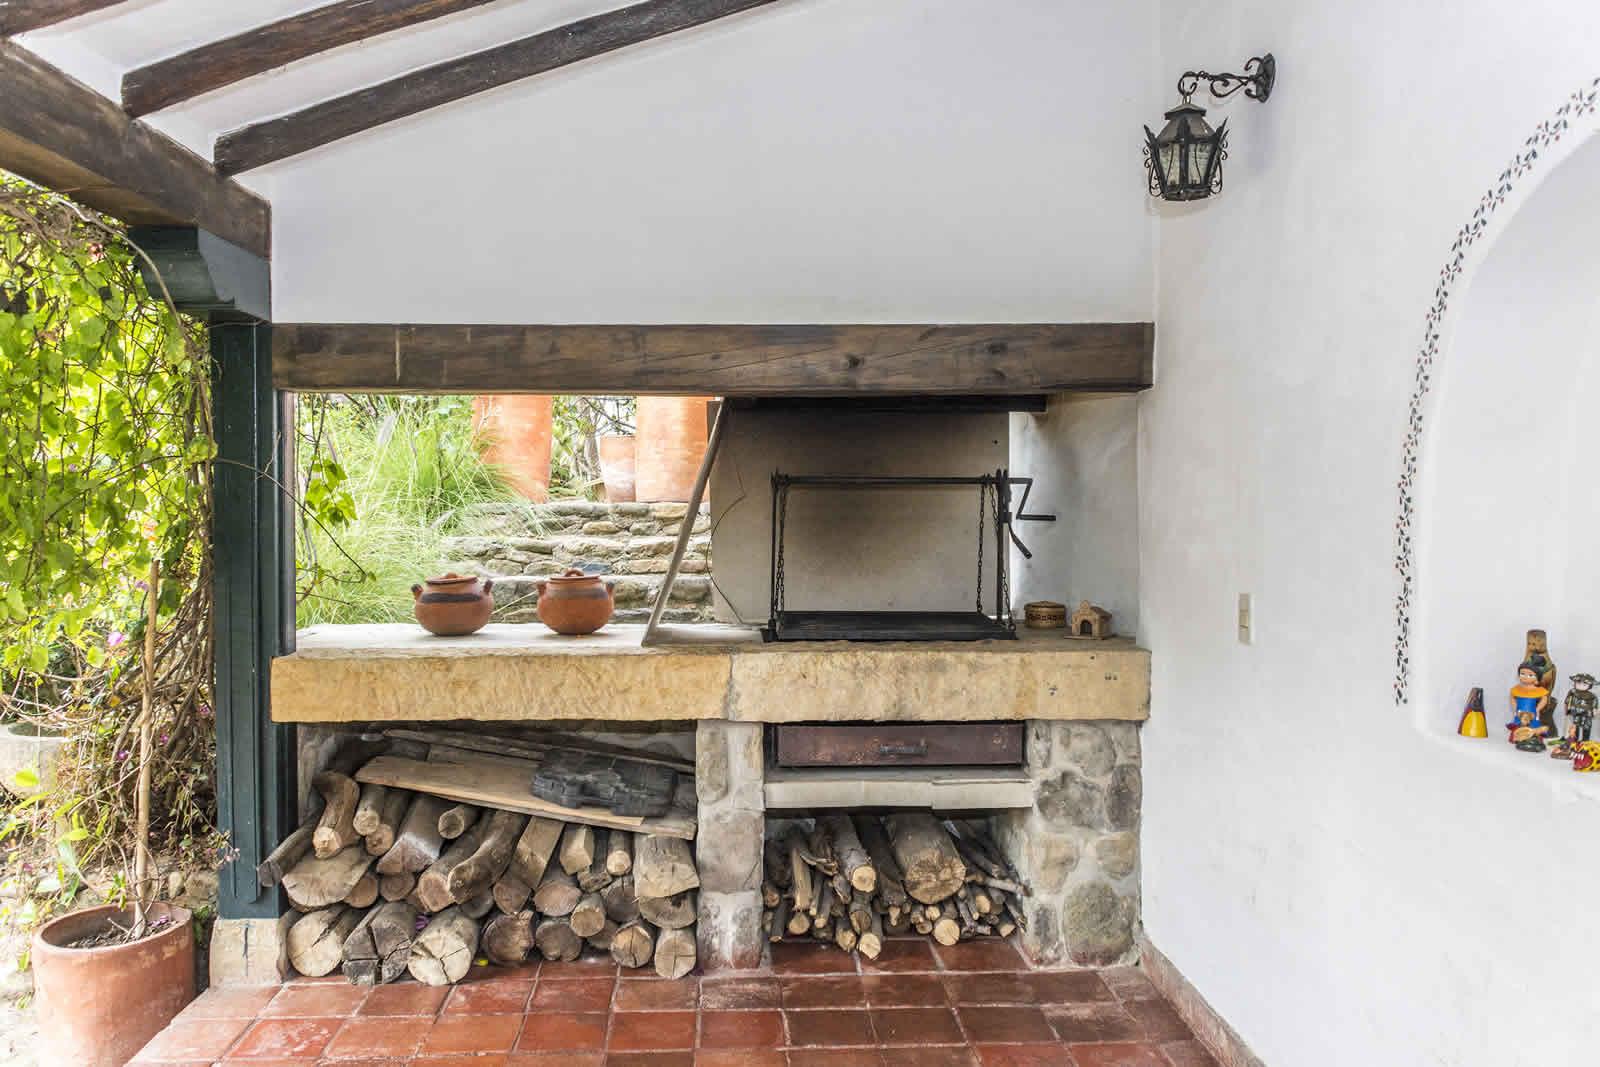 Casa shonsua para alquiler en villa de leyva for La casa del barbecue